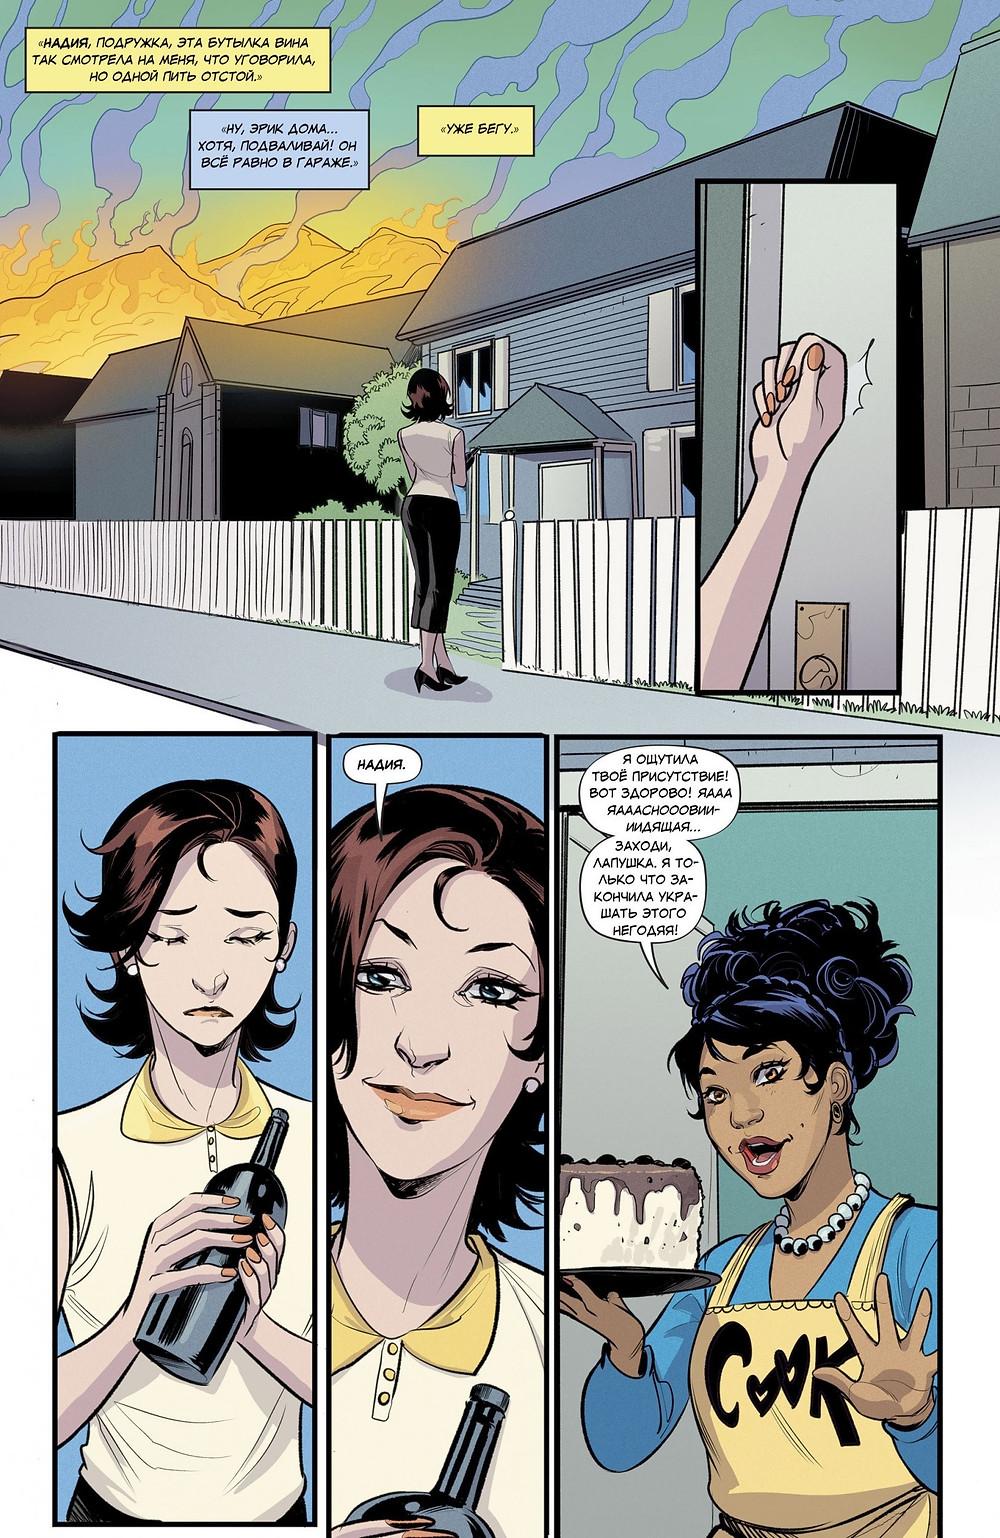 """Фантастический комикс о семейных отношениях """"Моя жена ведьма"""" Hex Wives. Часть 2. Страница 11"""